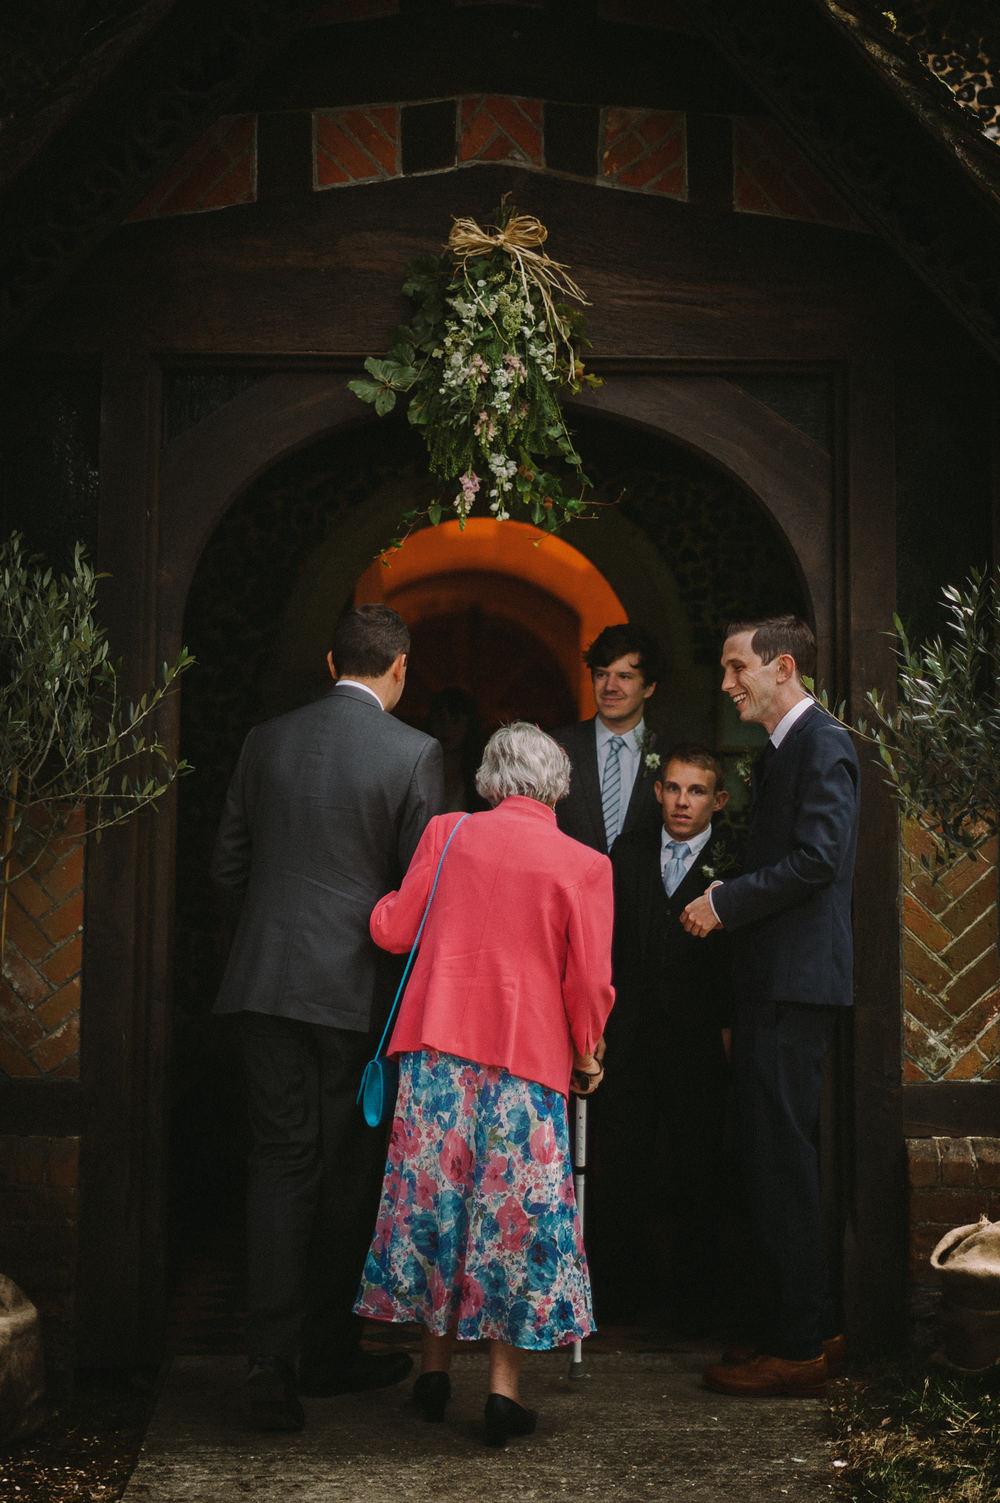 Nick & Susie Wedding -06.jpg